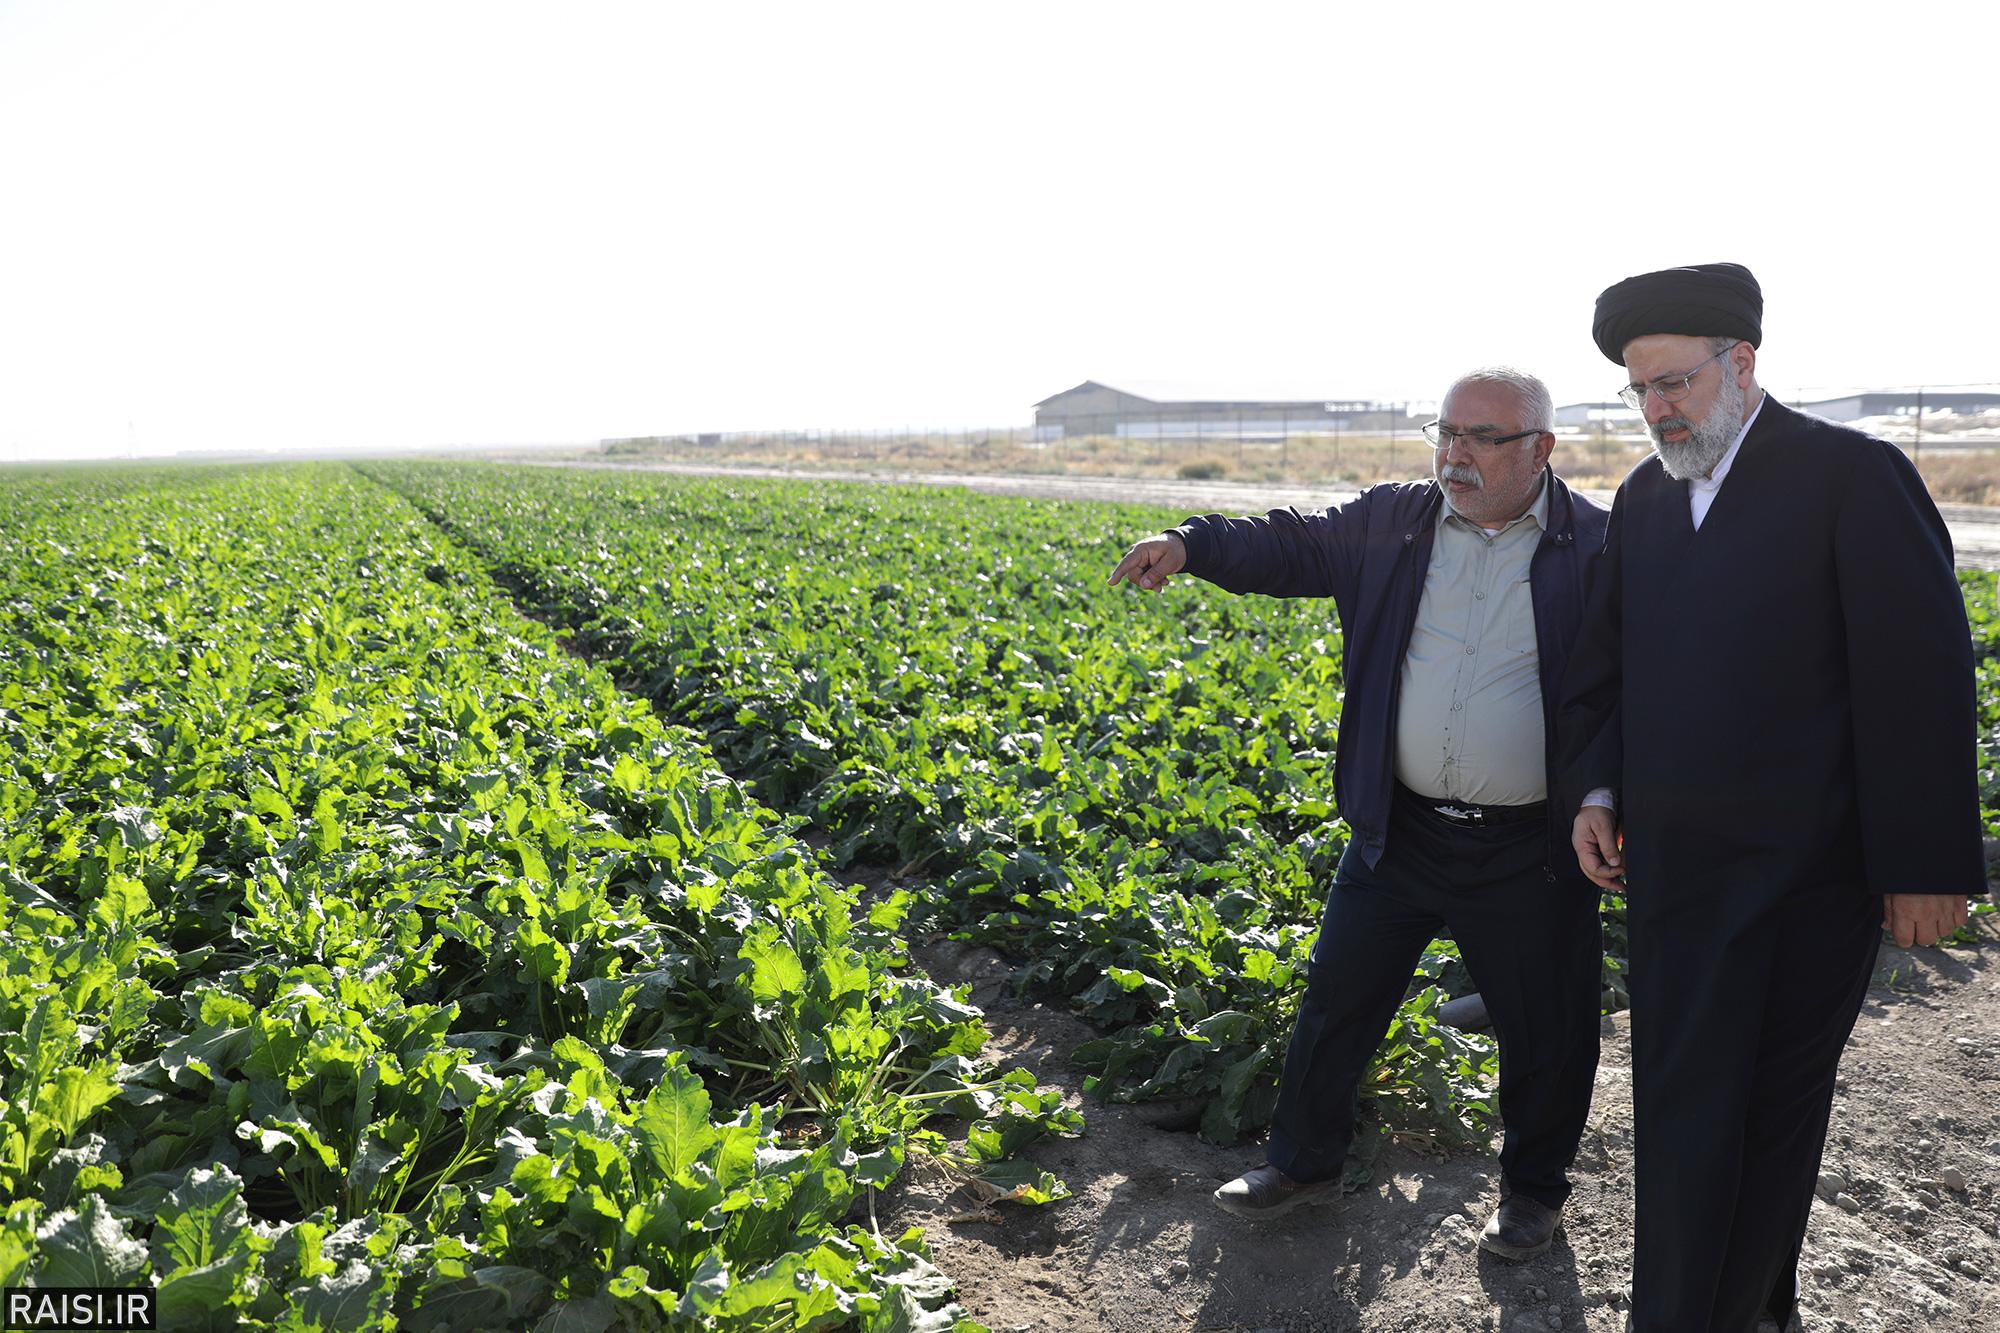 حجتالاسلاموالمسلمین رئیسی: فناوریهای نوین کشاورزی برای کشور اهمیت راهبردی دارند